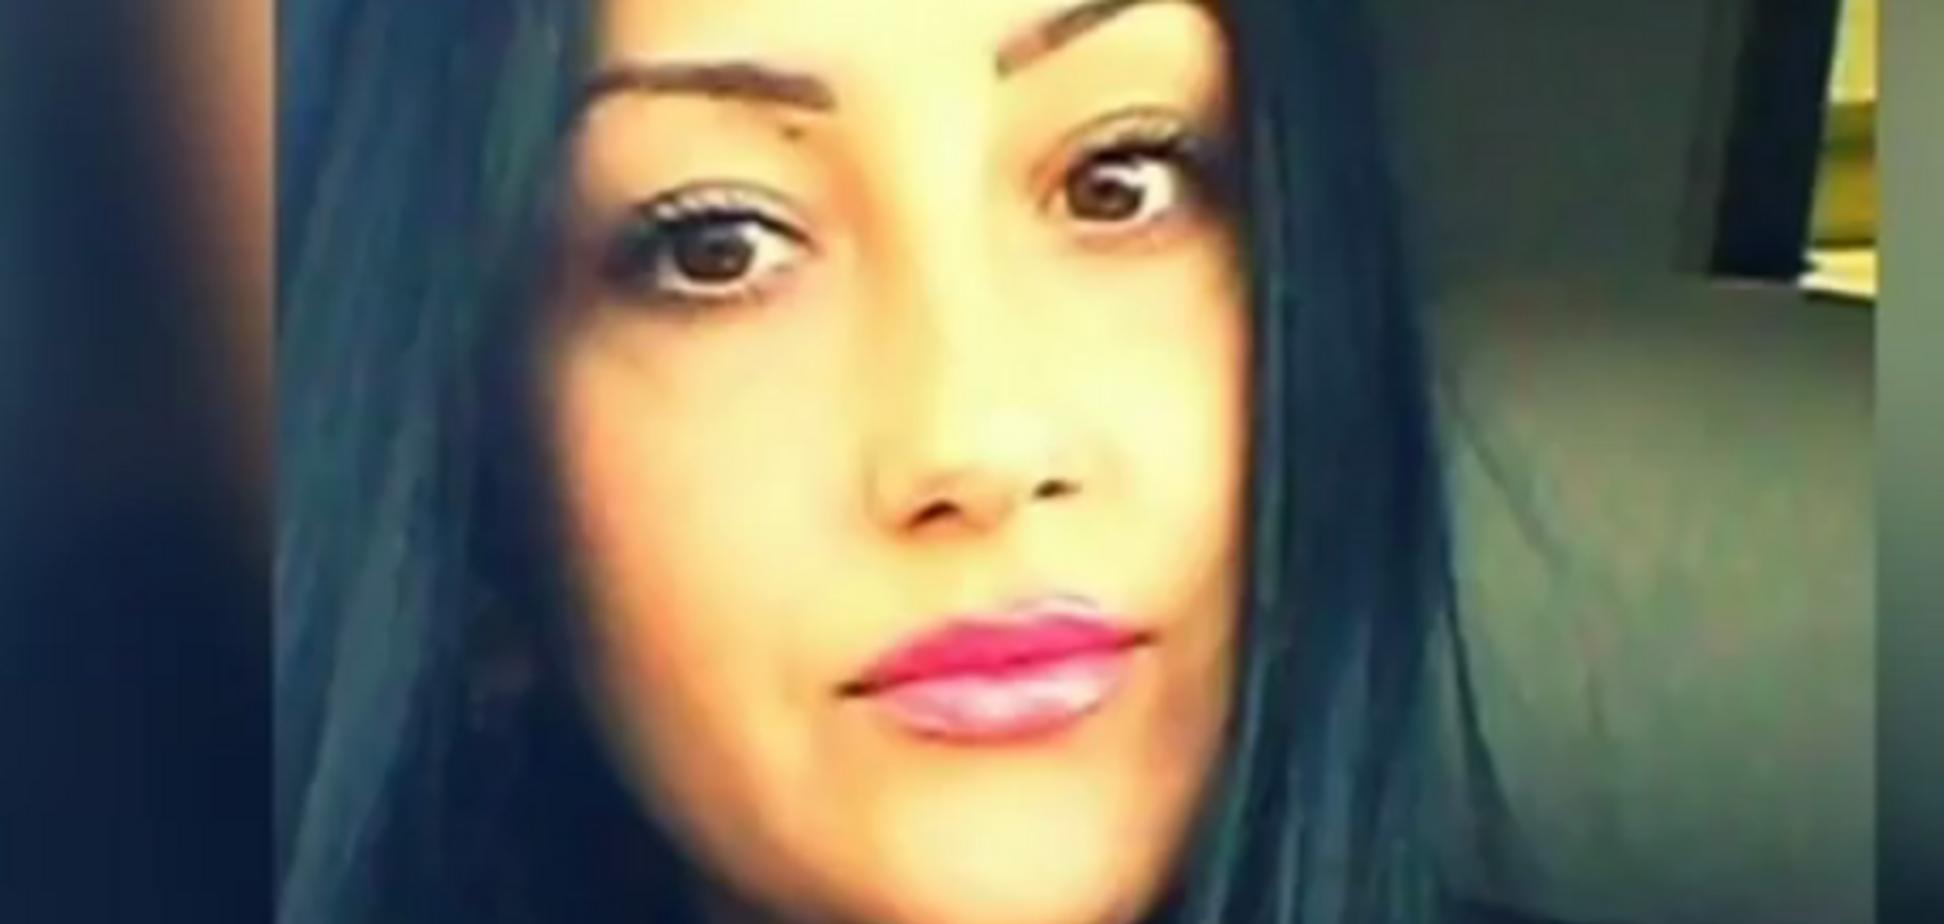 Вирив яму і чекав: розкрилися страшні деталі вбивства підлітком дівчини у Харкові